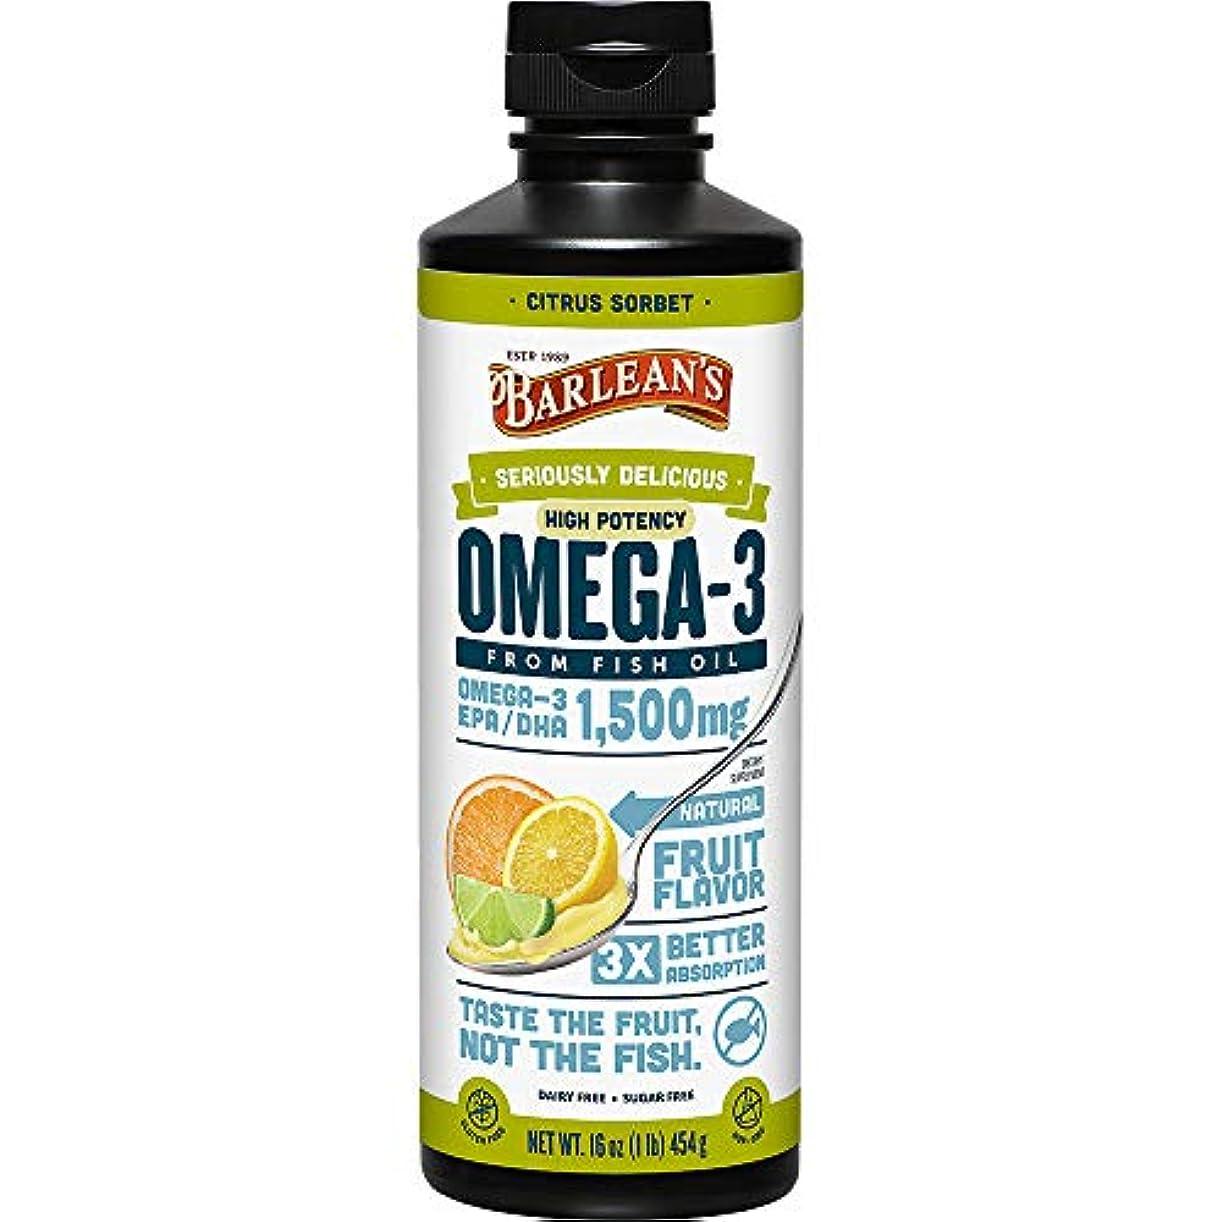 閉塞百バーゲンOmega Swirl, Ultra High Potency Fish Oil, Citrus Sorbet - Barlean's - UK Seller by Barlean's